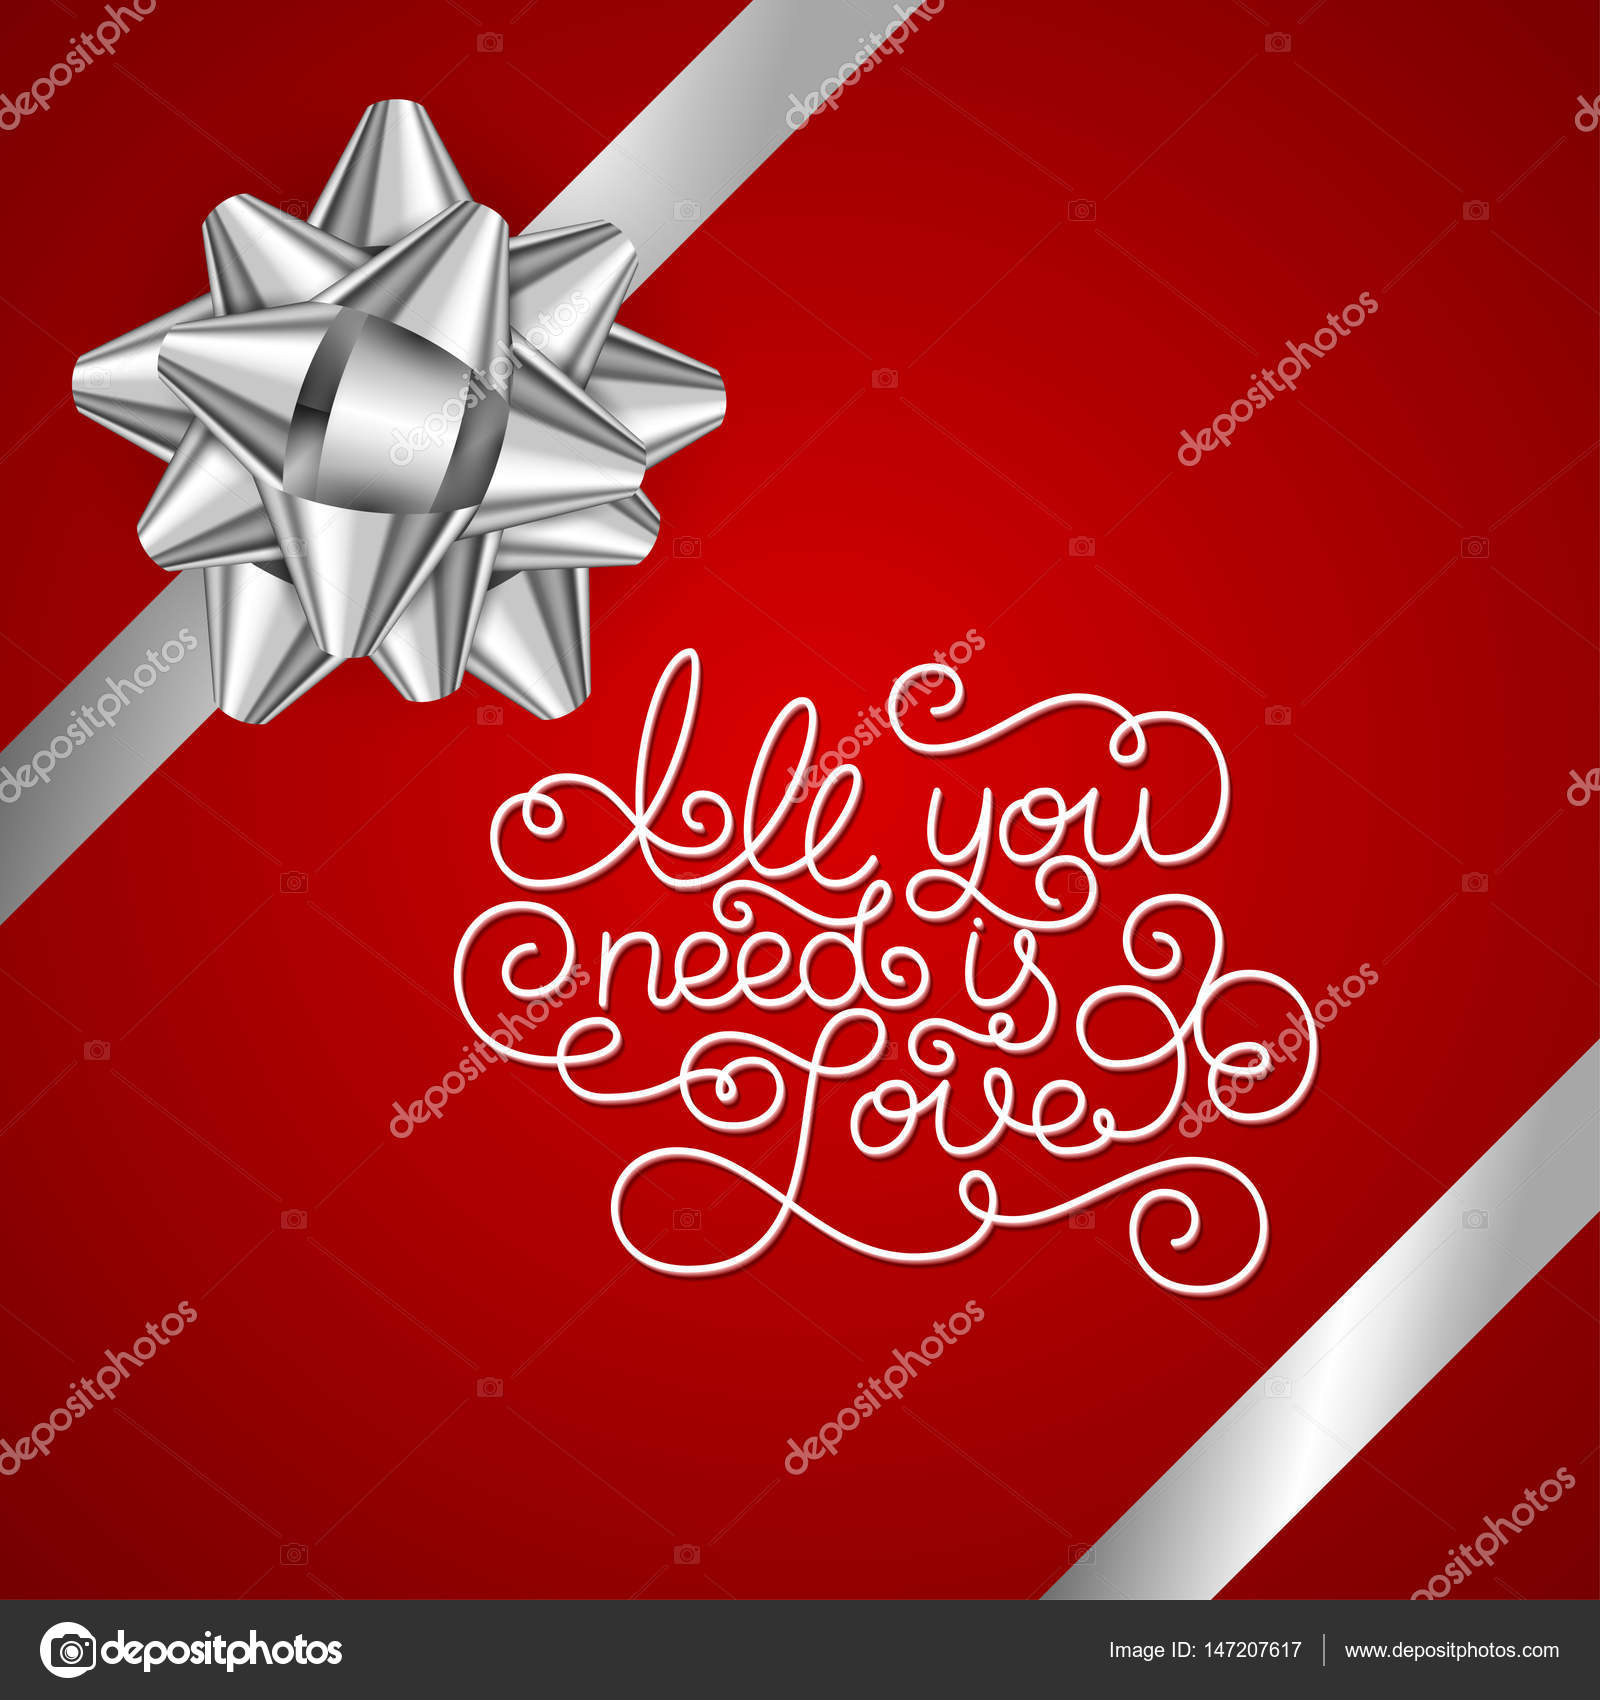 Holiday Gift Card Con Mano Letras Todo Lo Que Necesitas Es Amor